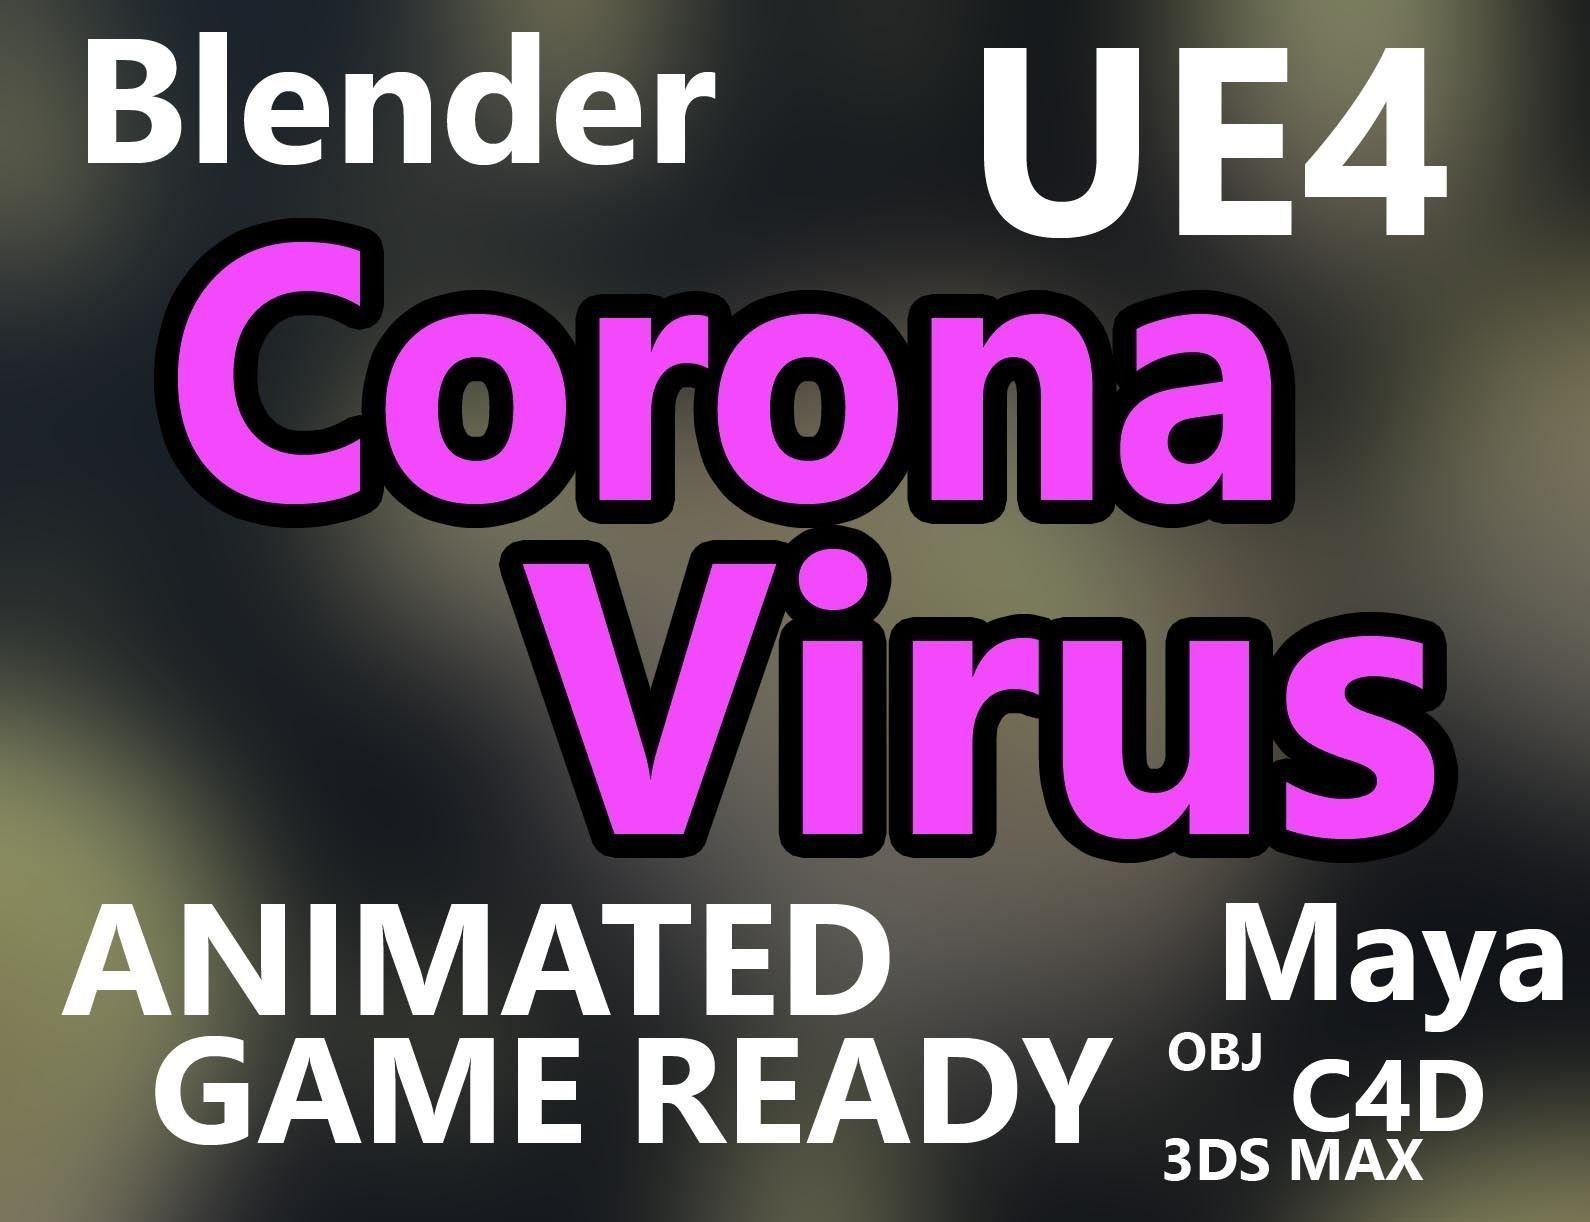 virus corvid-19 coronavirus corona